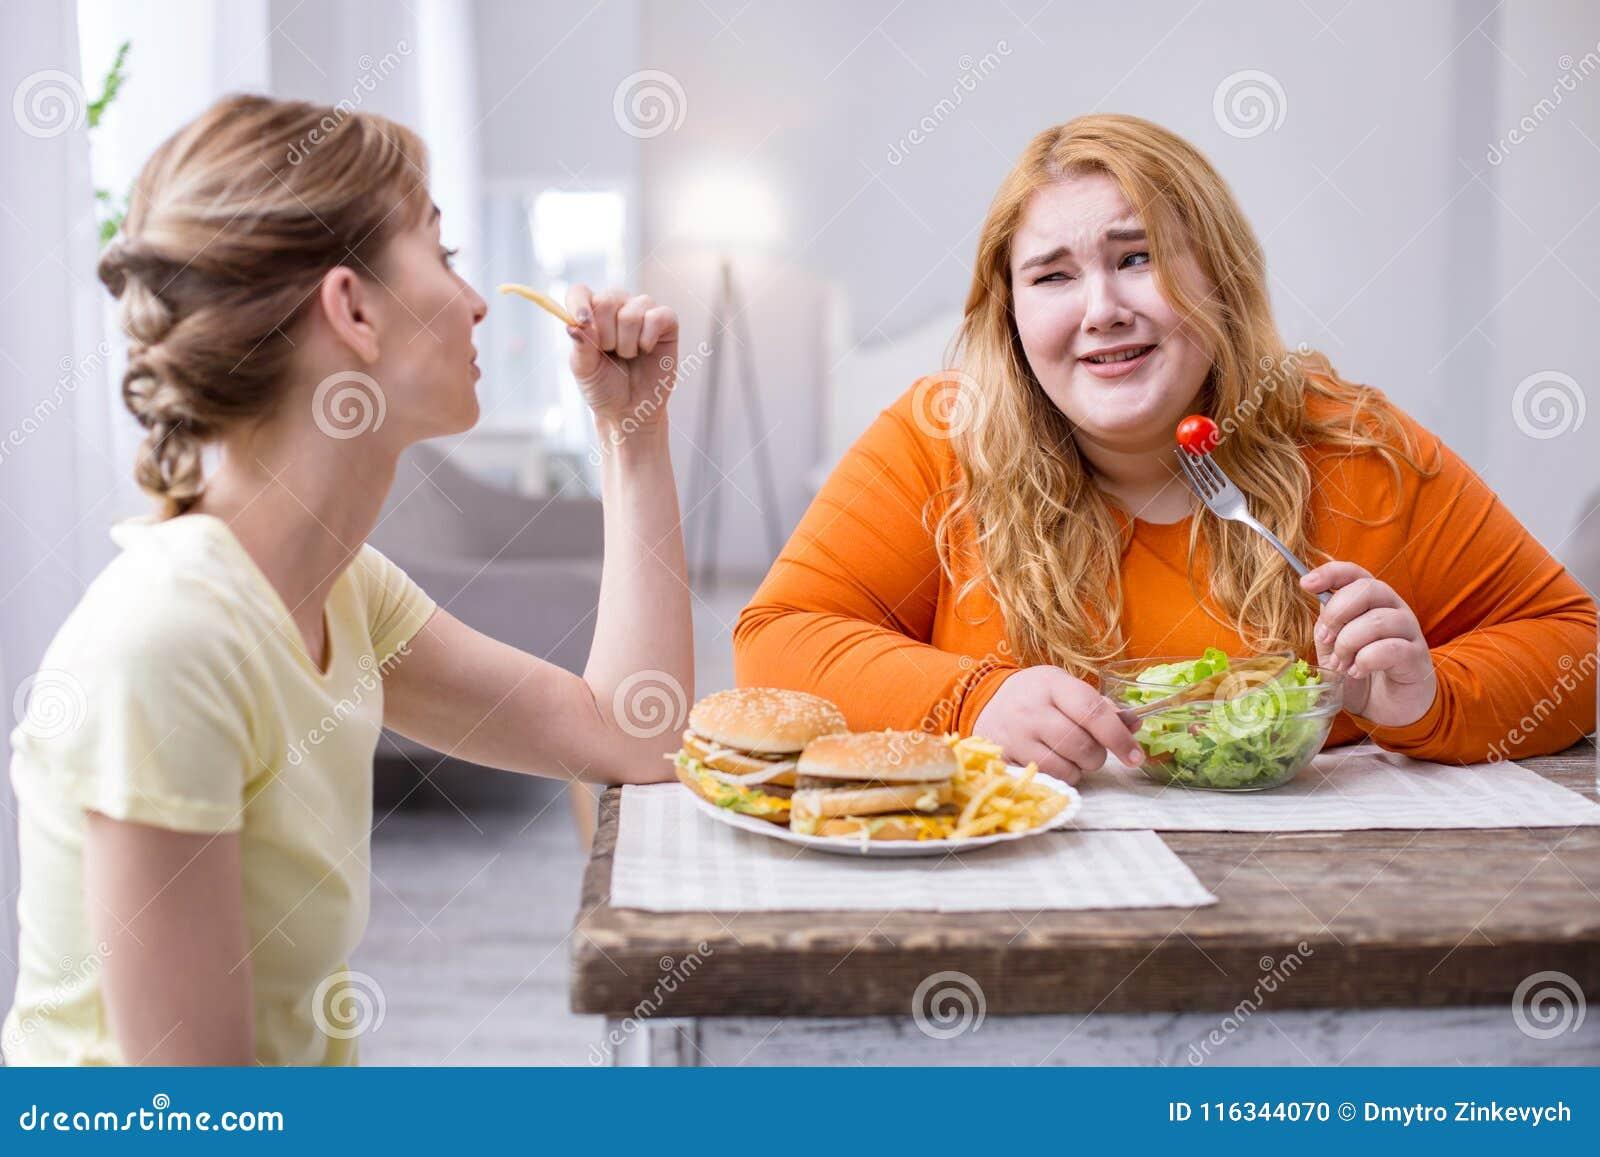 Black Girl Eats White Pussy